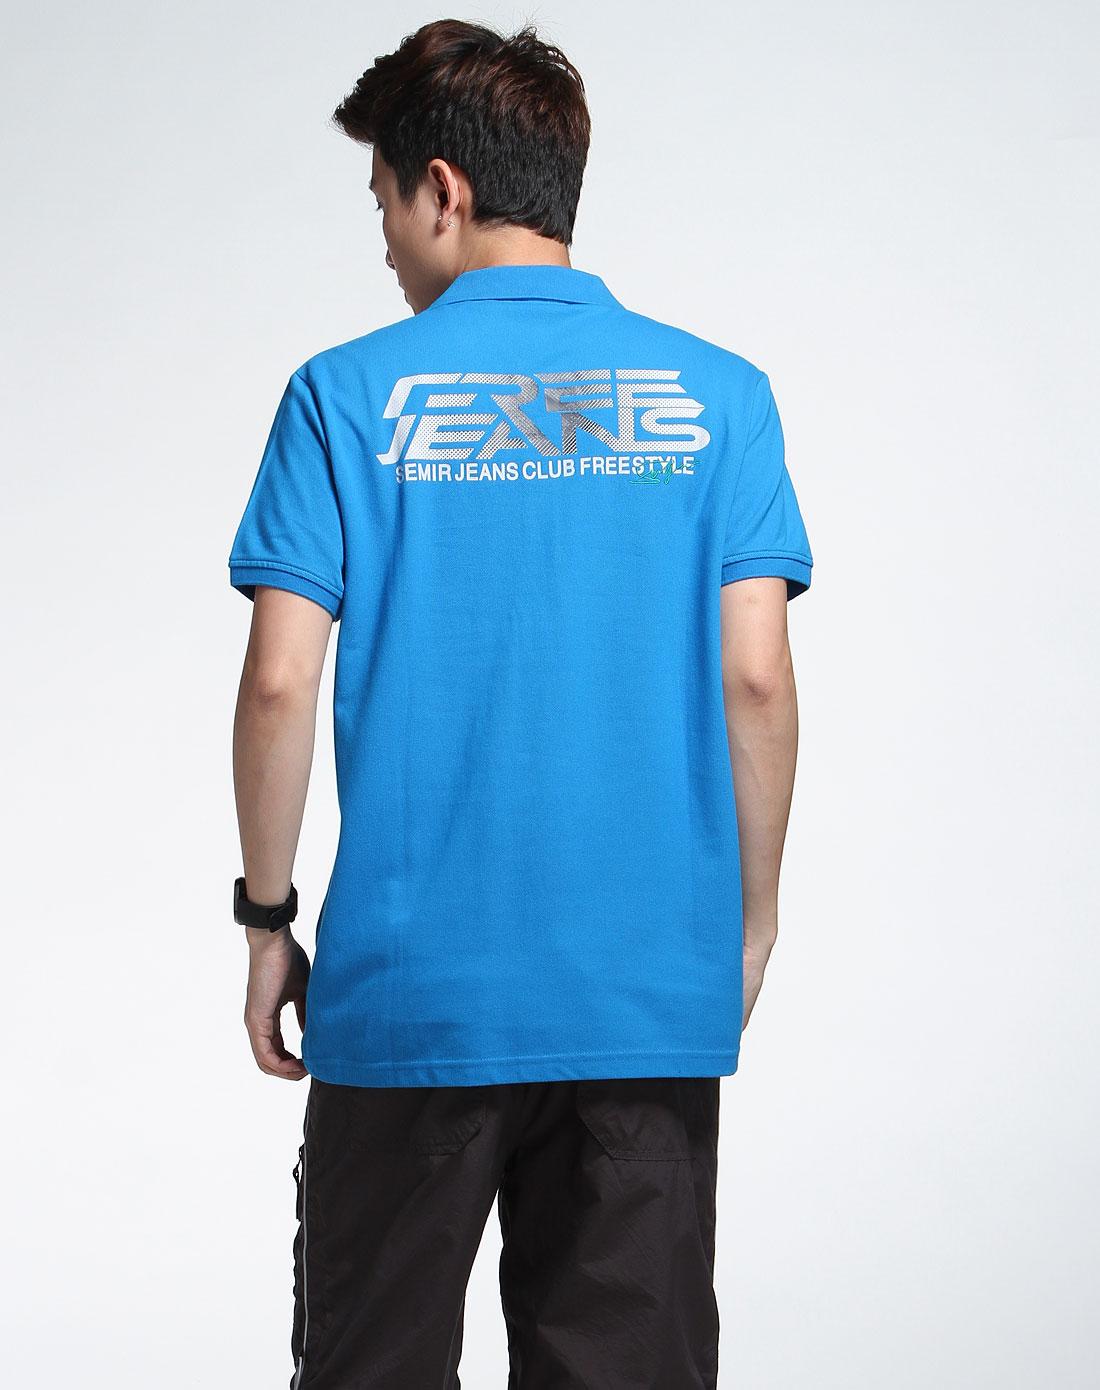 森马男装专场-蓝色简约短袖t恤图片